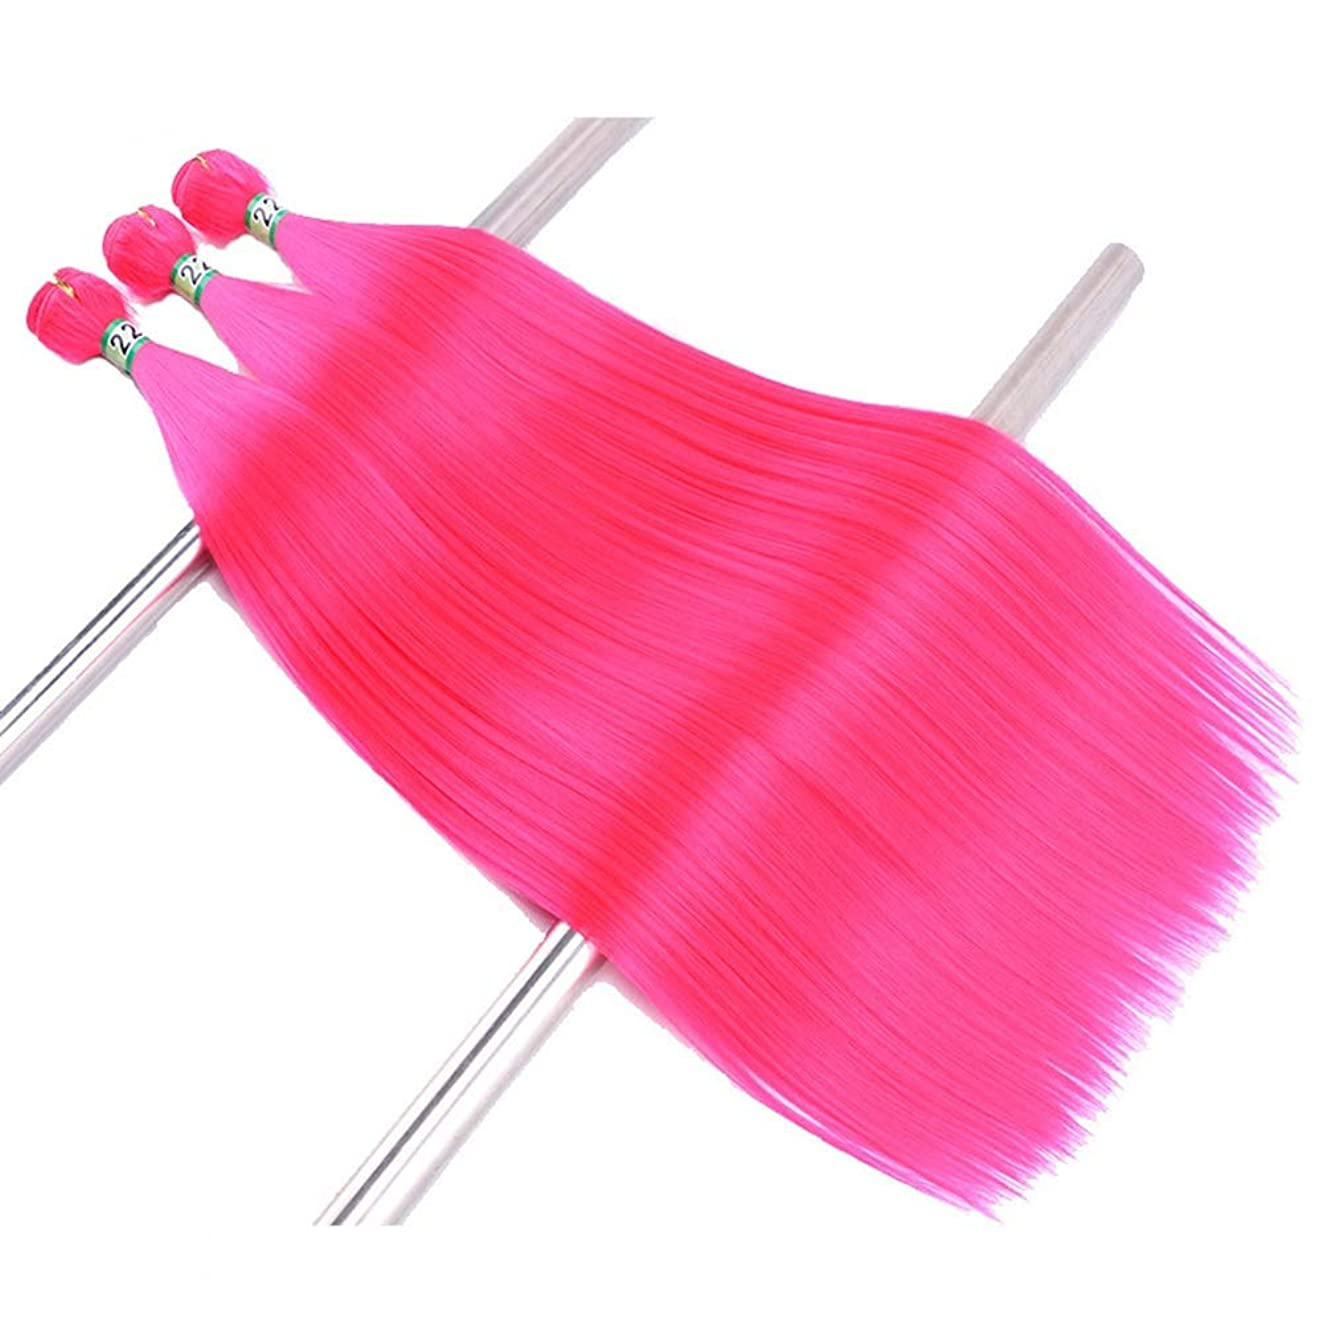 私たち池追い出すBOBIDYEE ロングストレートヘアエクステンションブラジル織り3バンドル18インチピンク合成髪用女性合成ヘアレースかつらロールプレイングかつら長くて短い女性自然 (色 : ローズレッド, サイズ : 24inch)